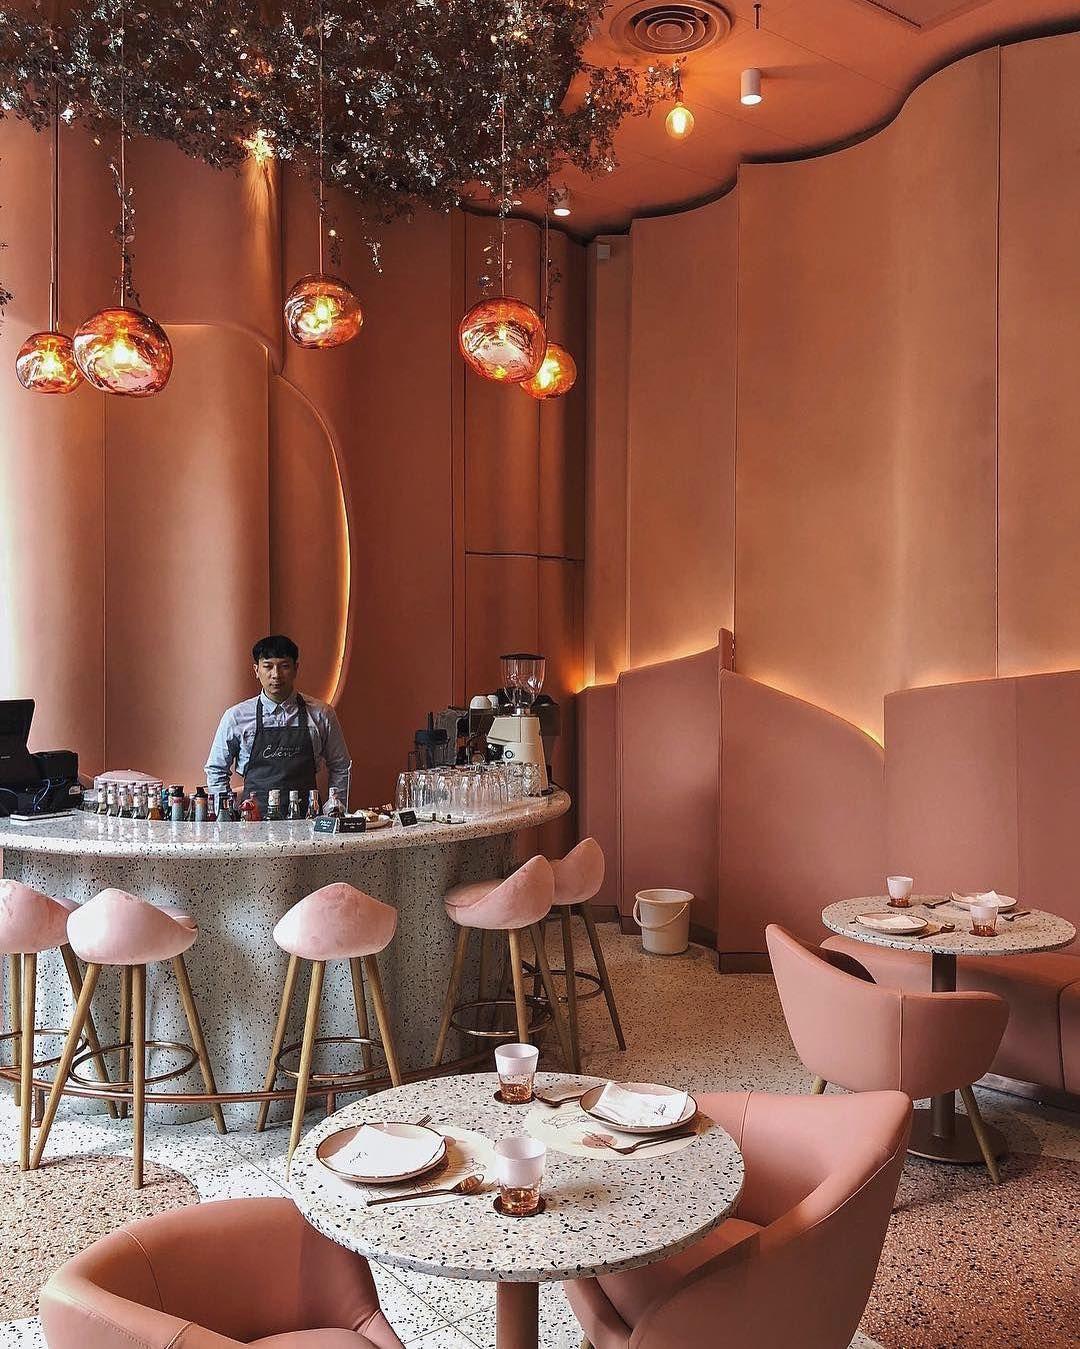 определения лучшие идеи дизайна ресторанов фото полки